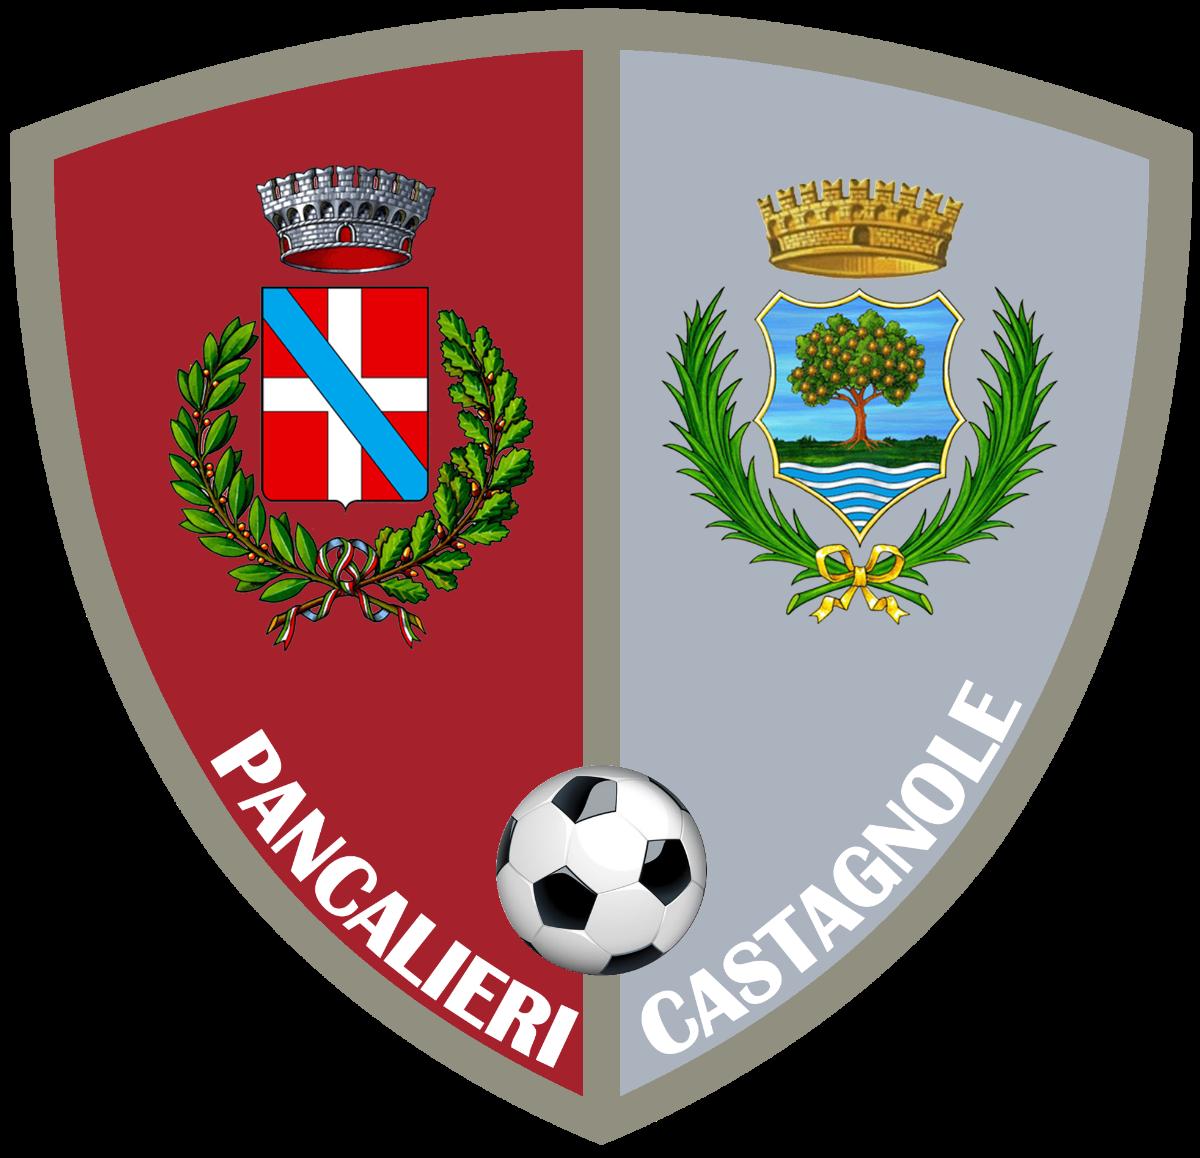 Pancalieri Castagnole